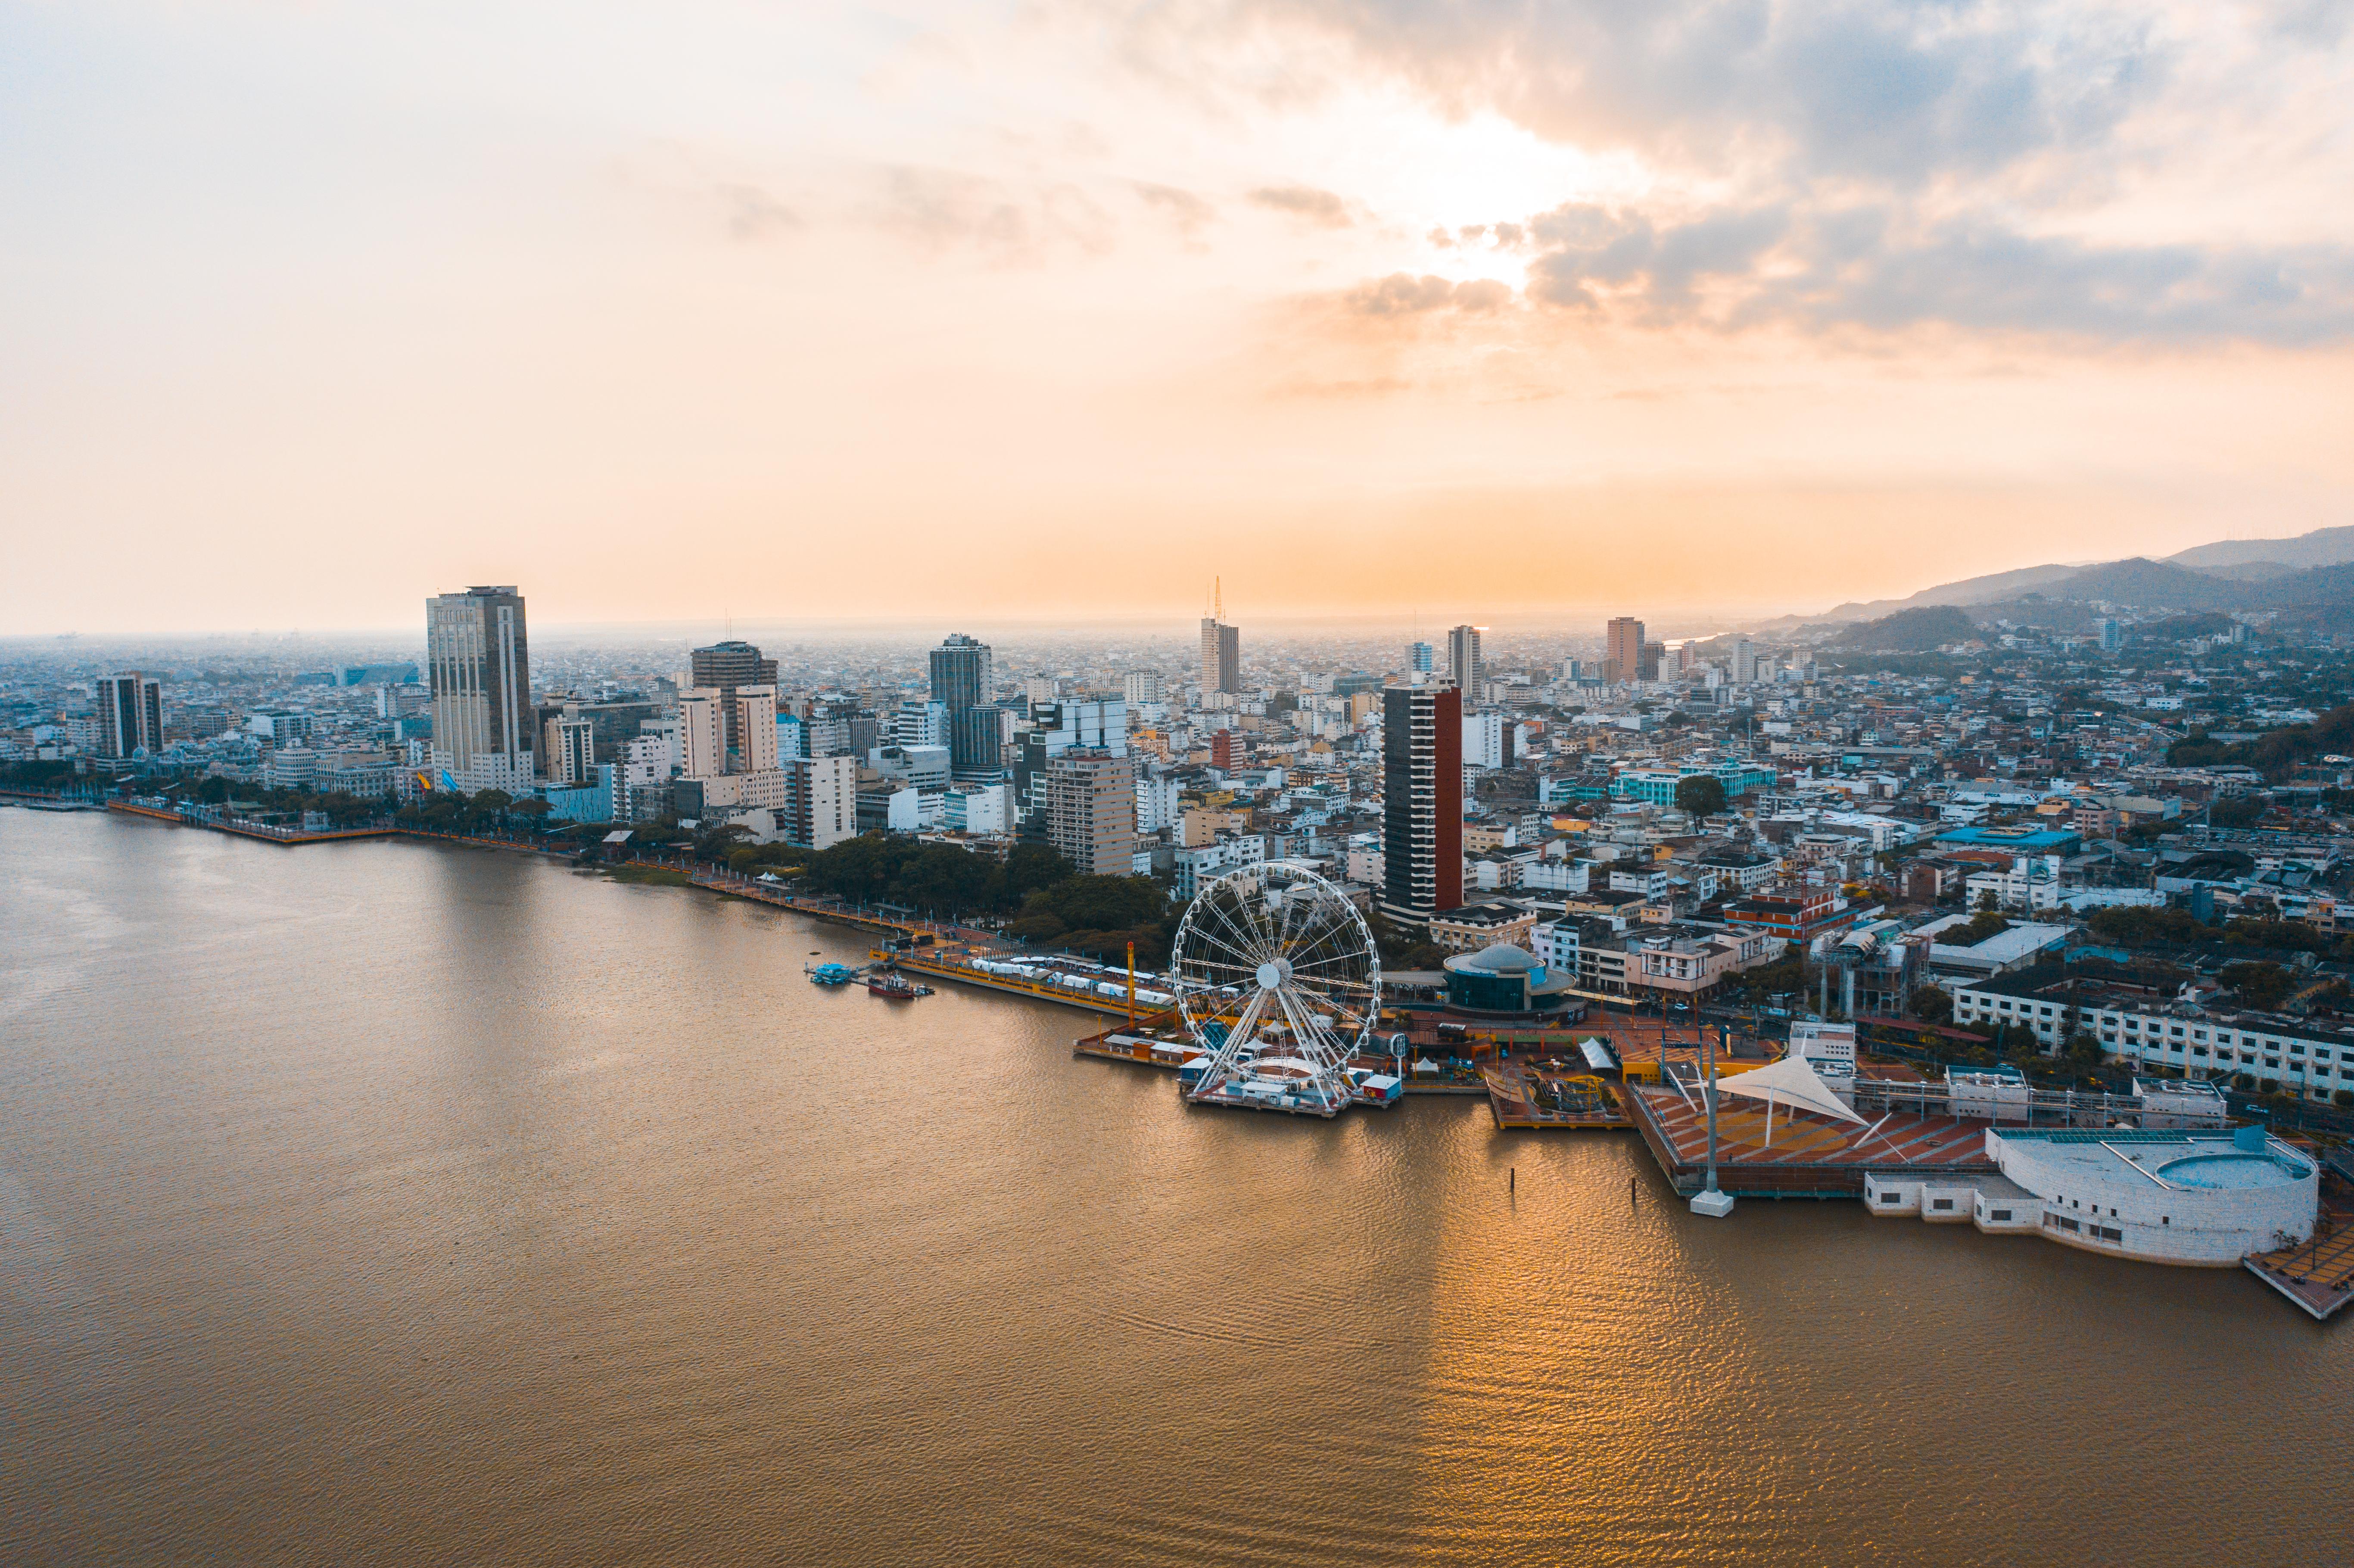 servicio de drone guayaquil - ecuador